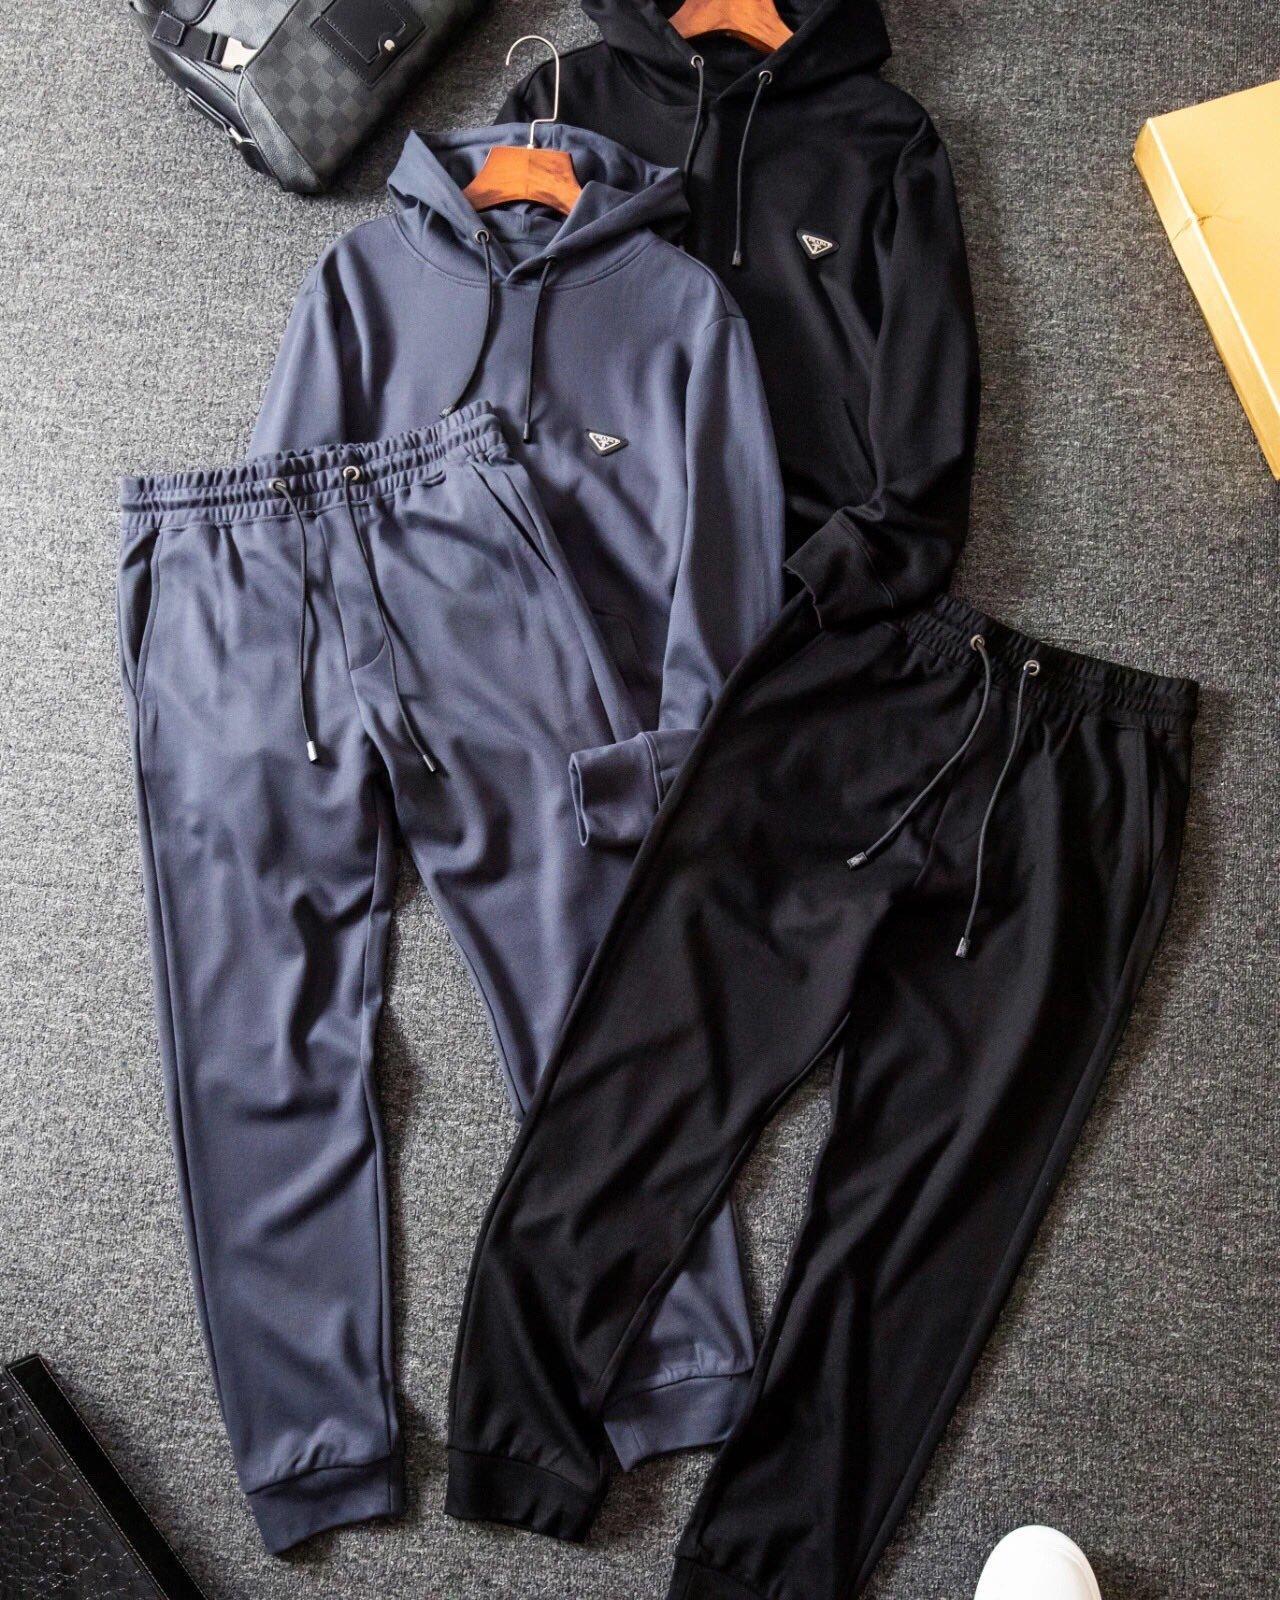 2020 mens chándal nuevo traje retro de lujo de malla transpirable viajes Sinfónica balístico flexible serie conjunto máxima limitada cómoda